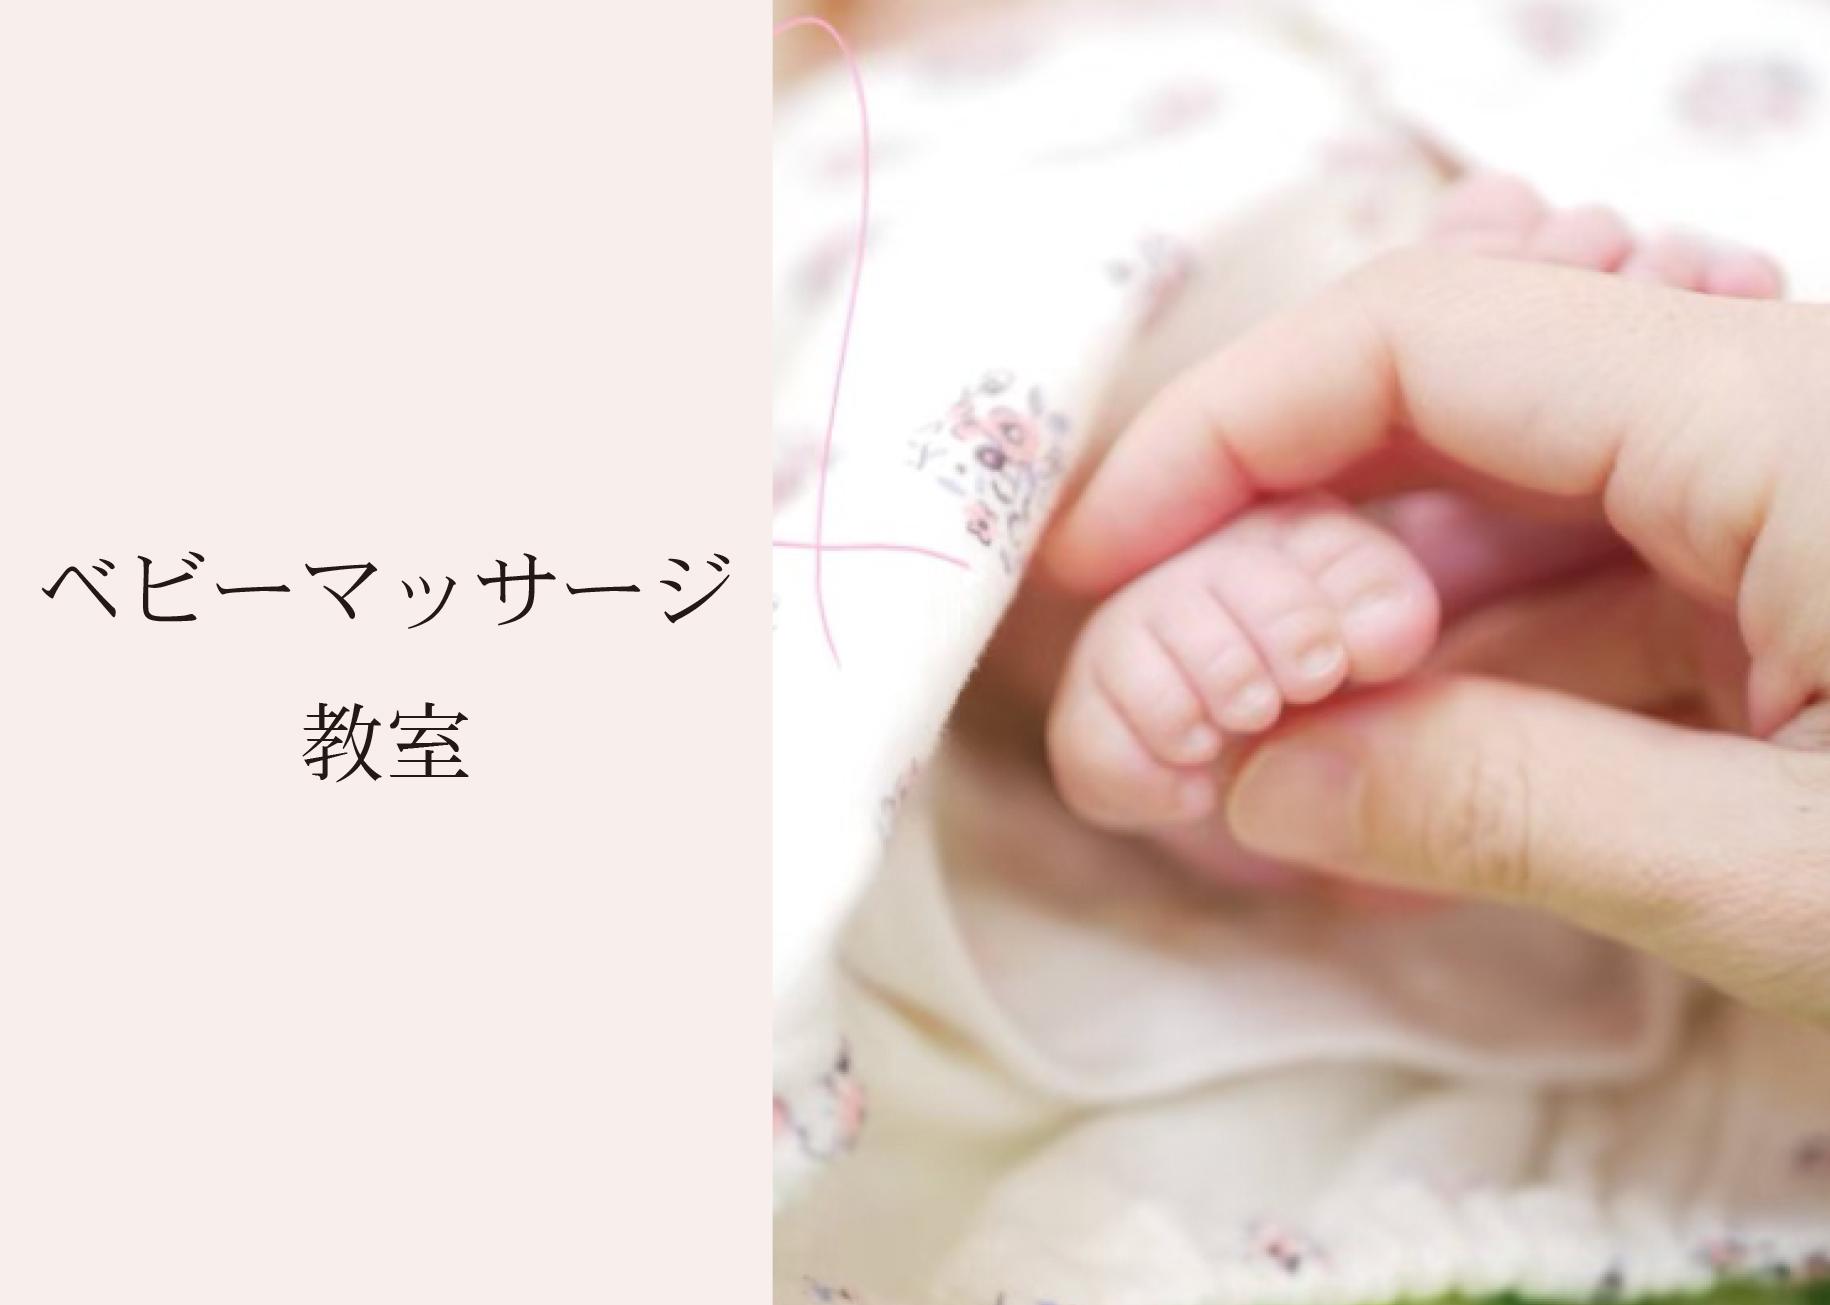 ベビーマッサージ教室@山口展示場「Large」//8/6(金)